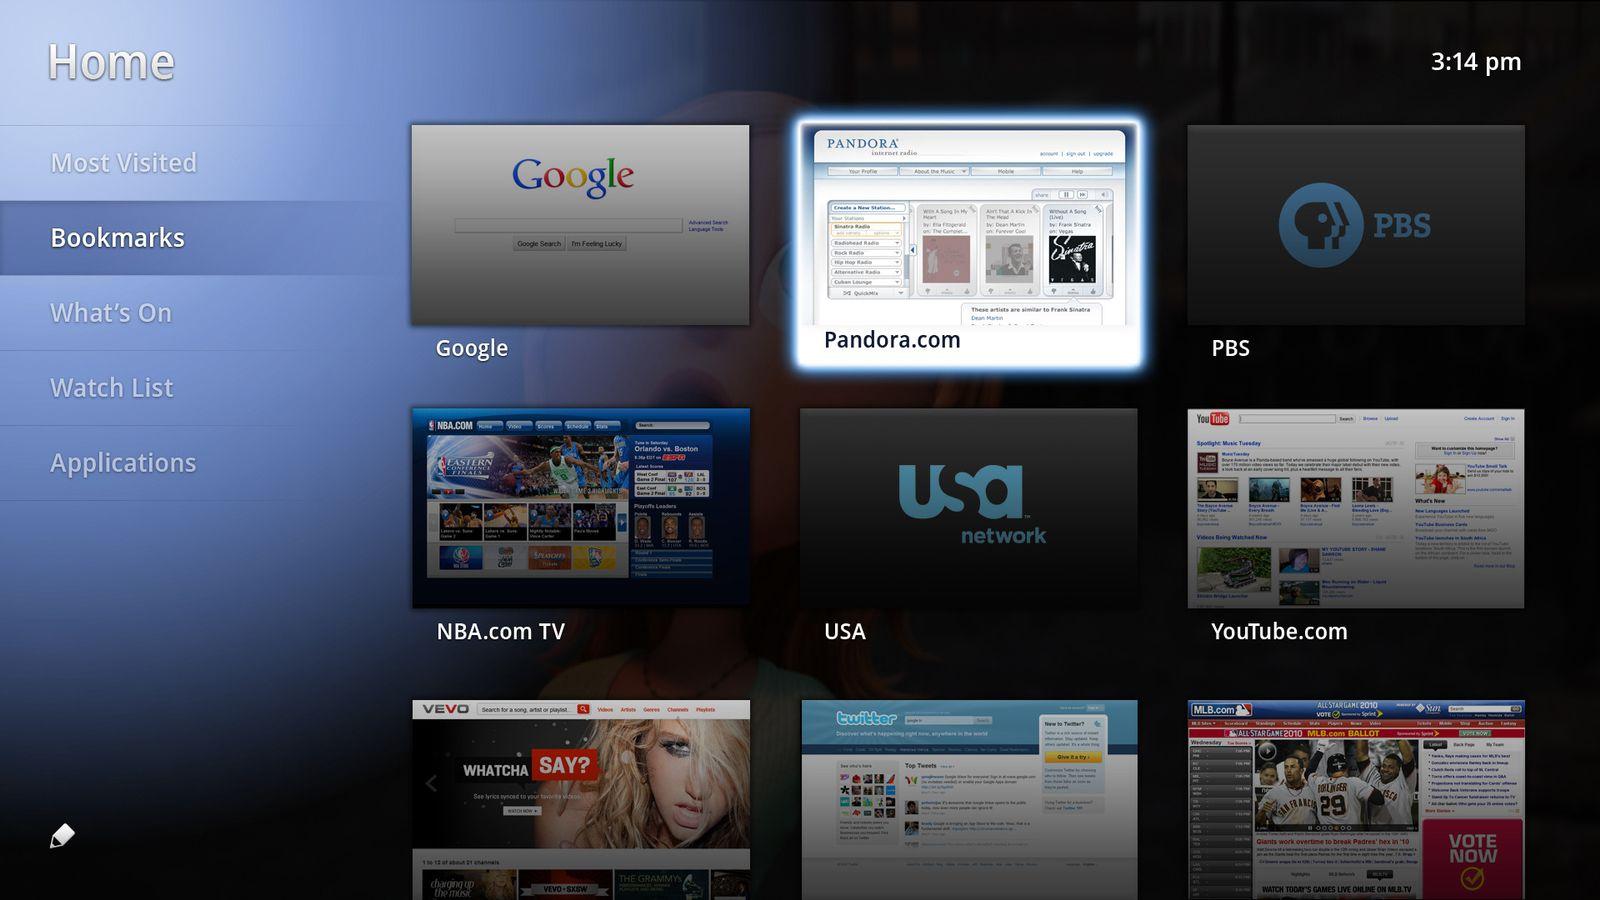 Google drängt in den Milliardenmarkt Fernsehen